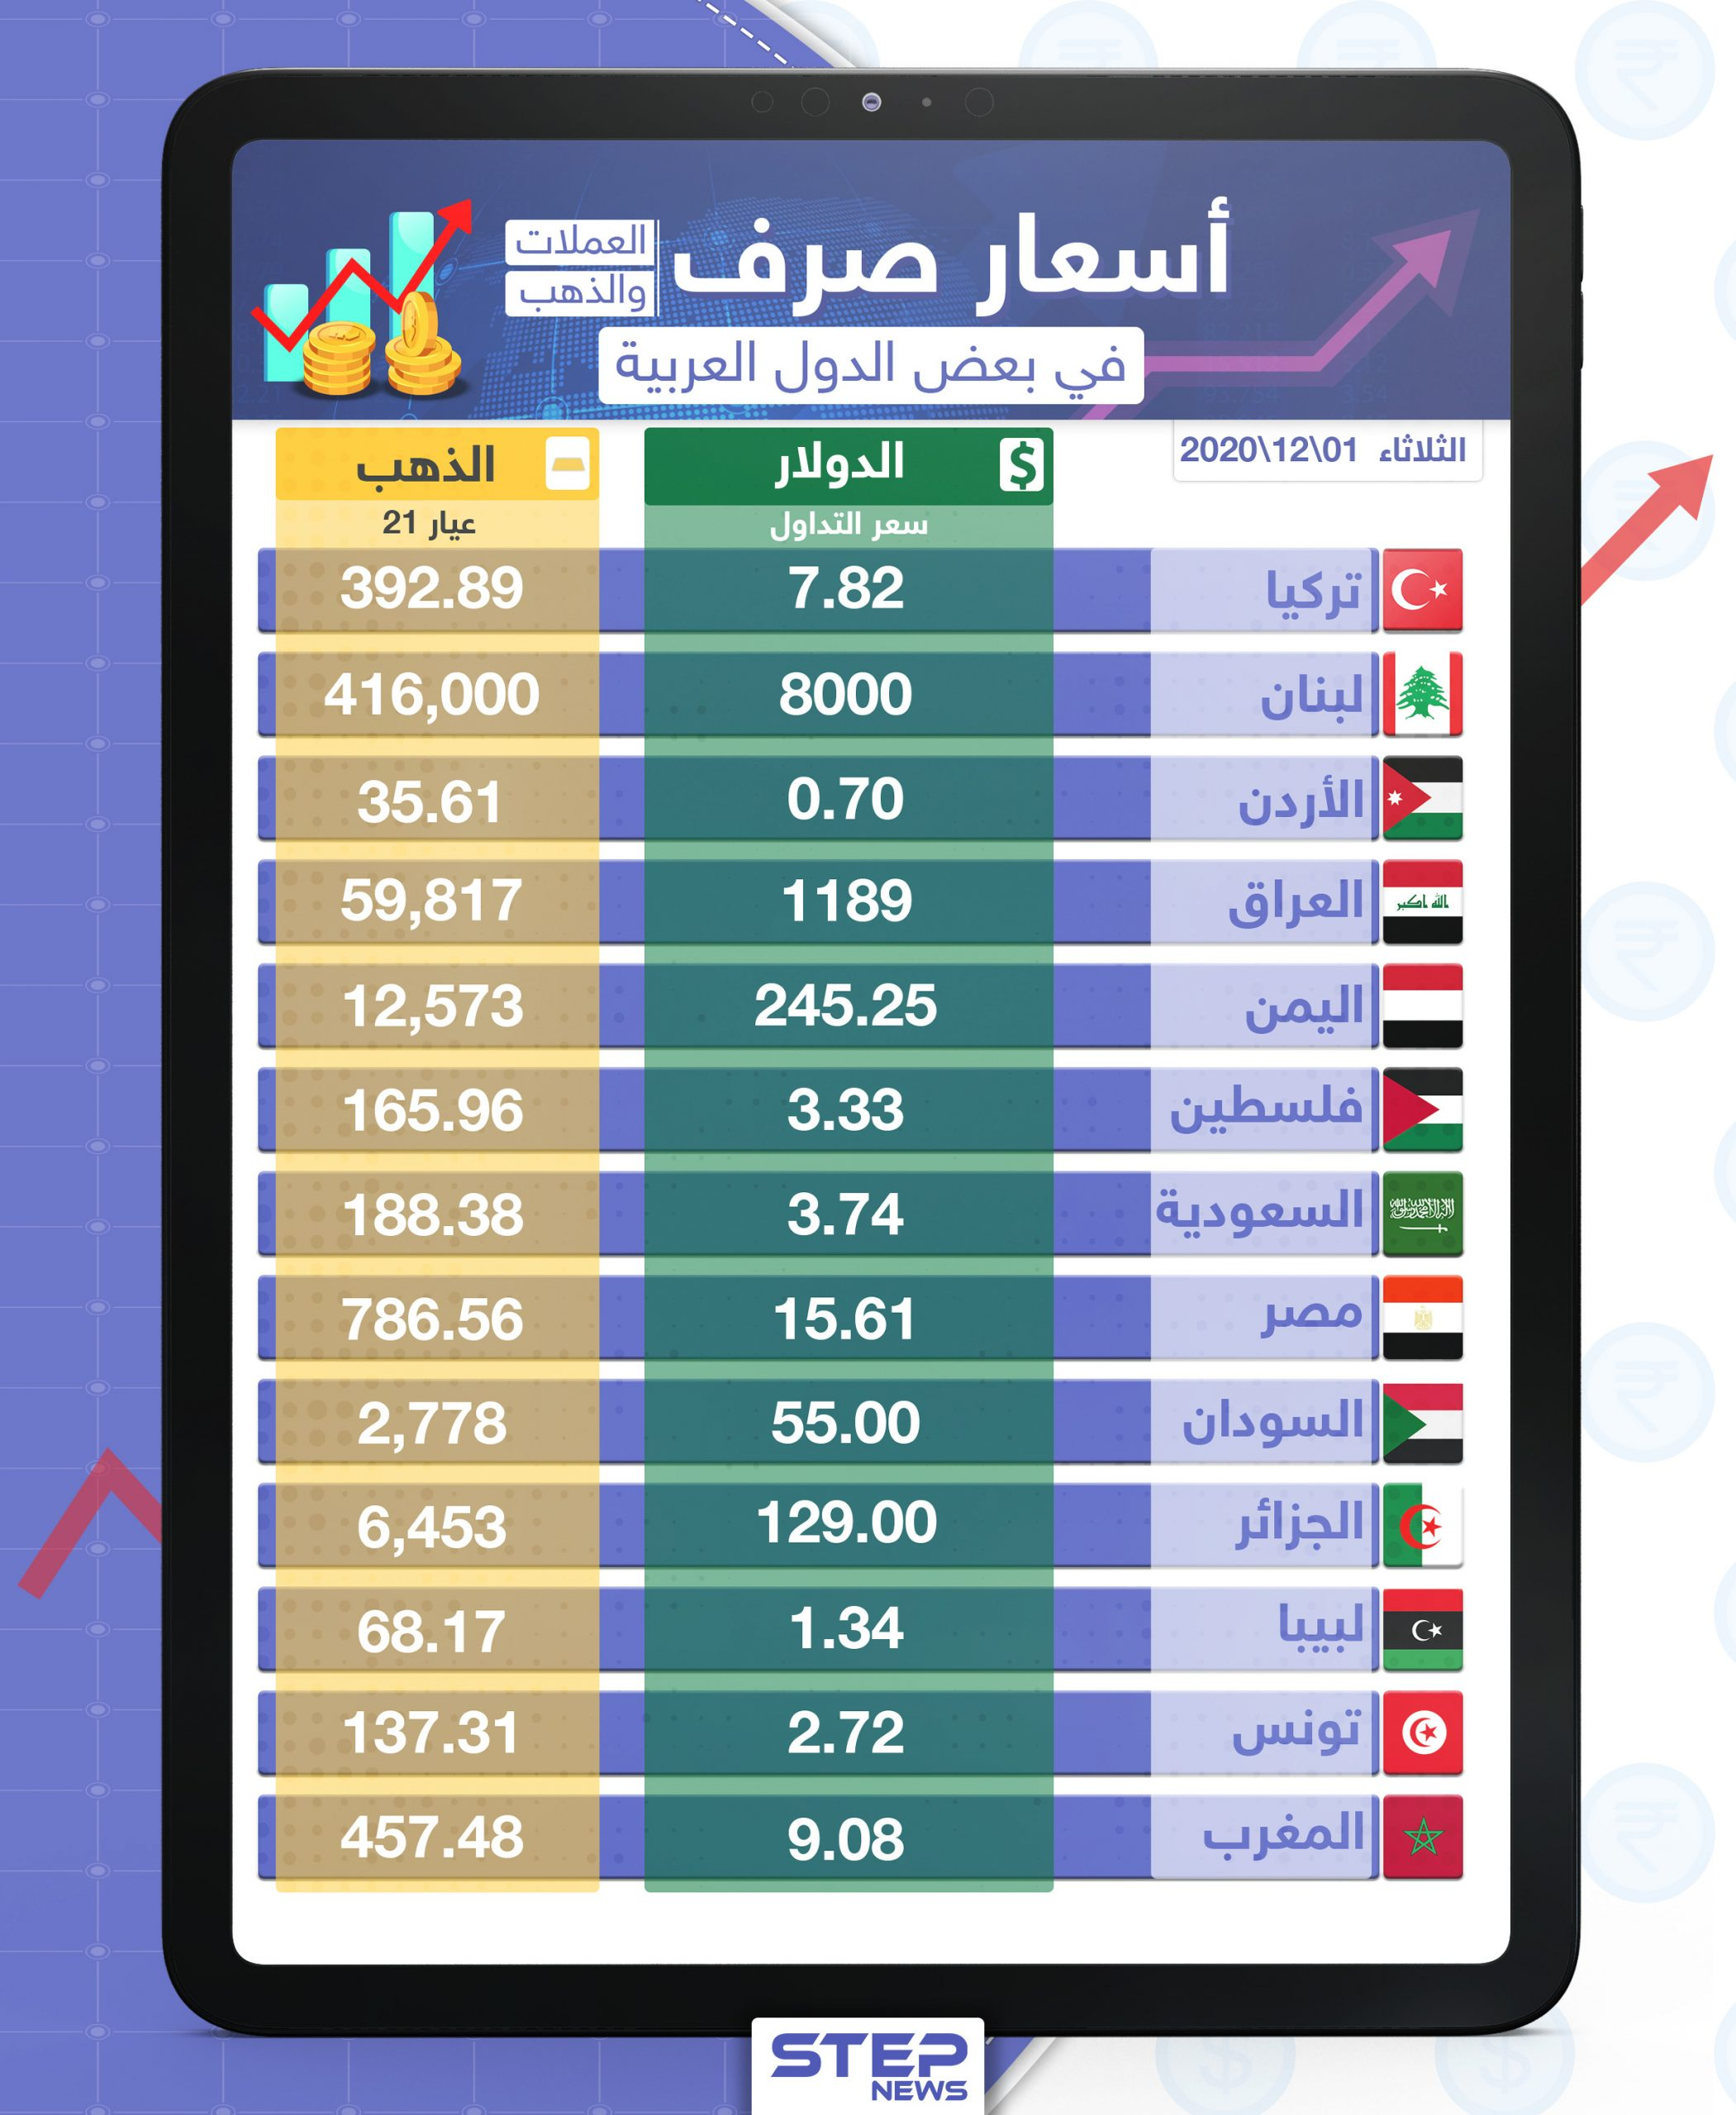 أسعار الذهب والعملات للدول العربية وتركيا اليوم الثلاثاء الموافق 01 كانون الأول 2020